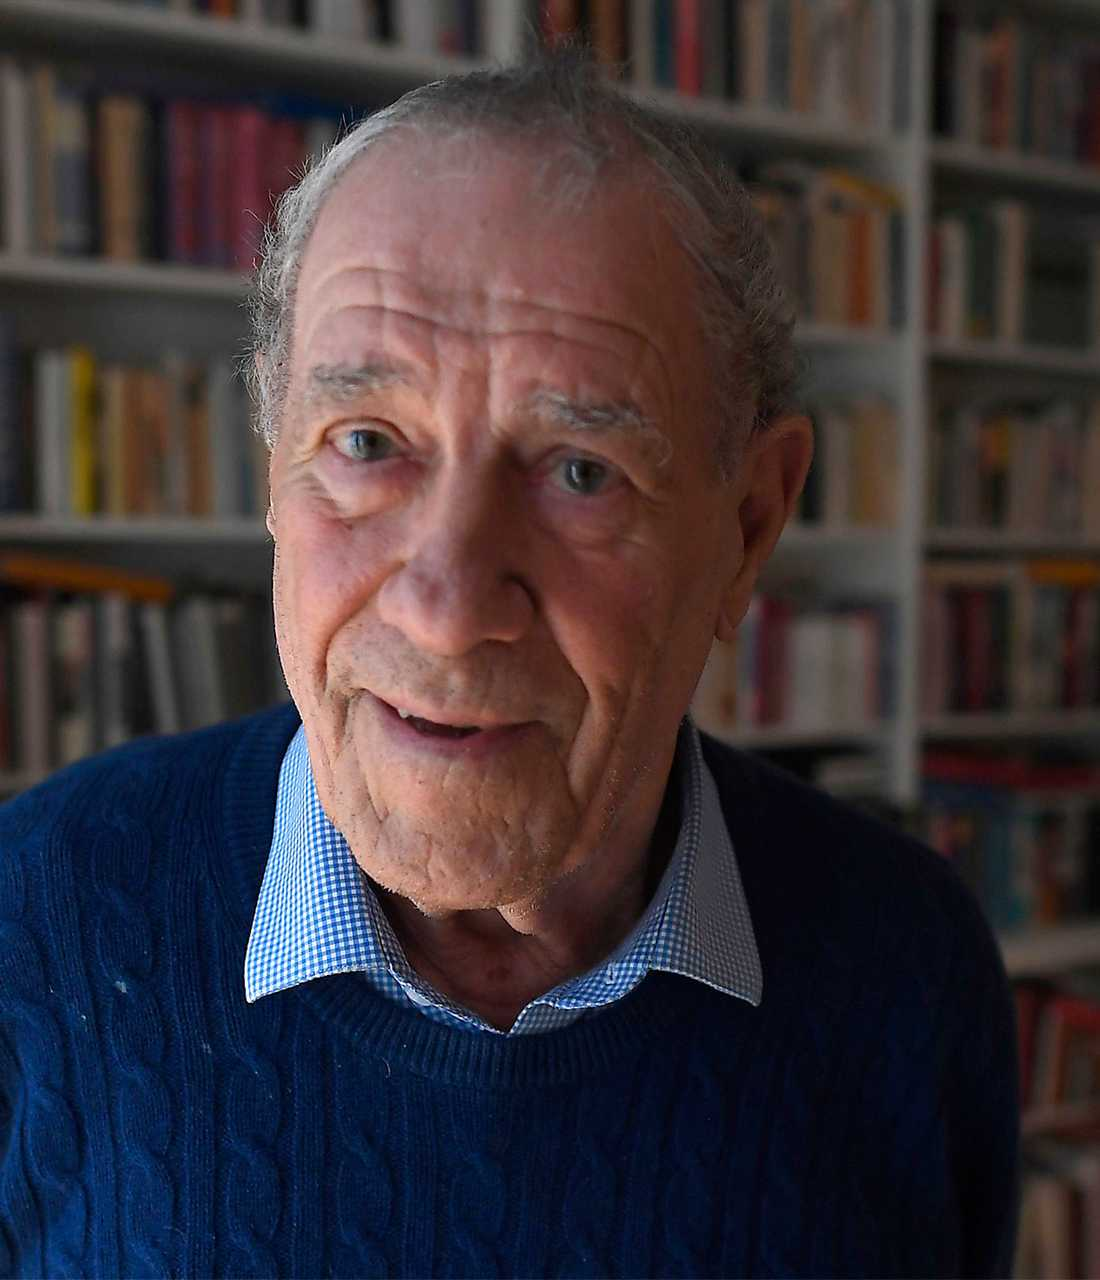 """TAUR PAUS I ÅR. """"Jag är vanligtvis väldigt upptagen i december på grund av Nobelfestligheterna, men de avstår jag ifrån i år. Jag har faktiskt varit på utdelningen och banketten 39 gånger"""" säger Per Wästberg."""